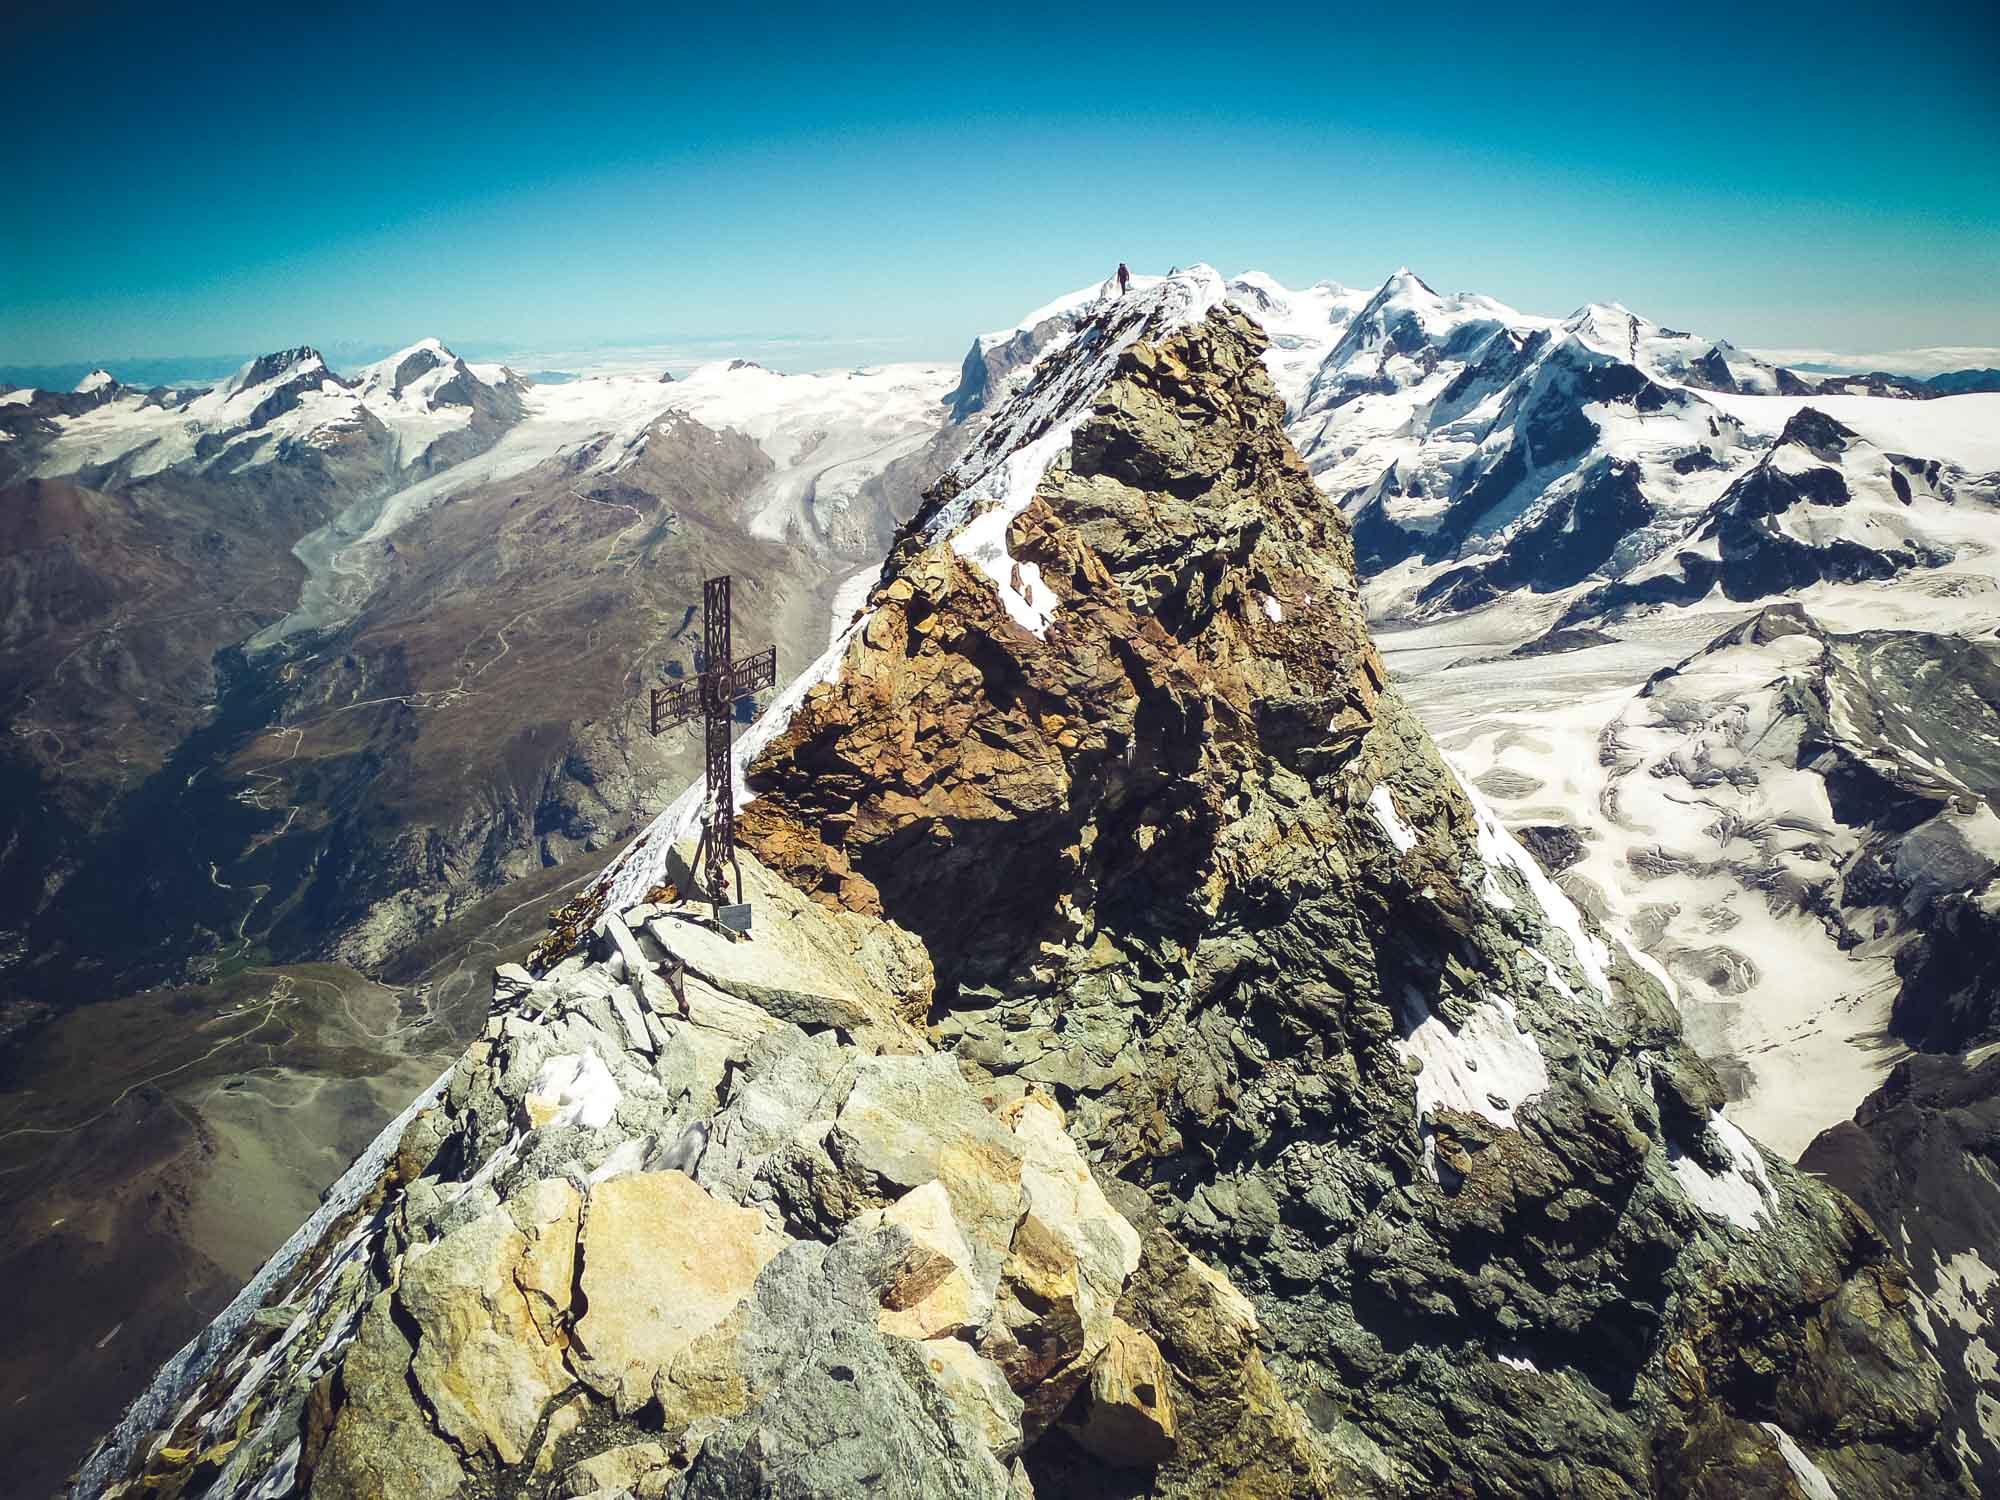 #6 Wie werde ich ein Alpinist